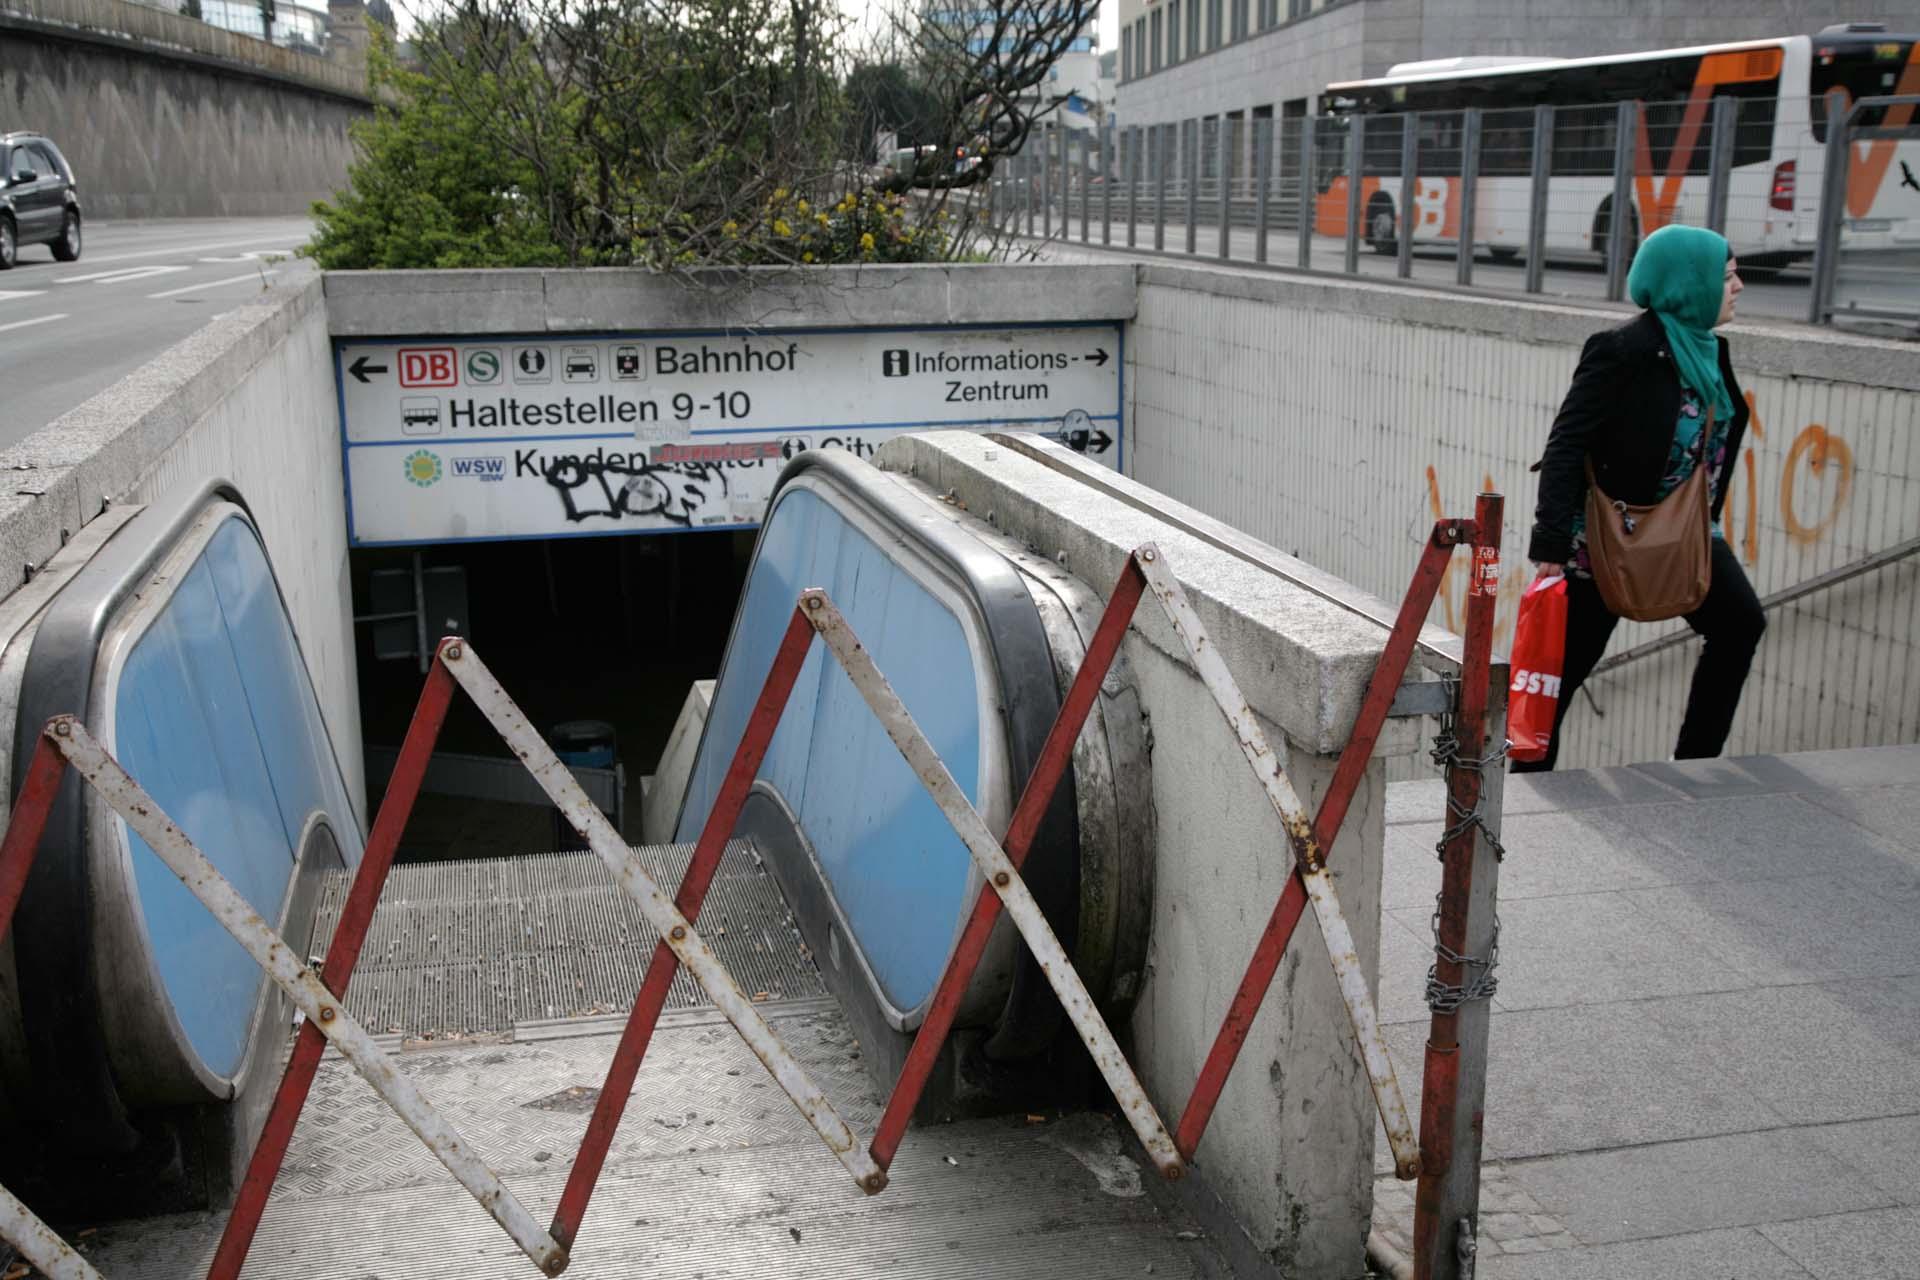 Die Rolltreppen zur Döppersberg-Unterführung, Synonym für jahrelangen Stillstand und Verfall der hochverschuldeten Stadt